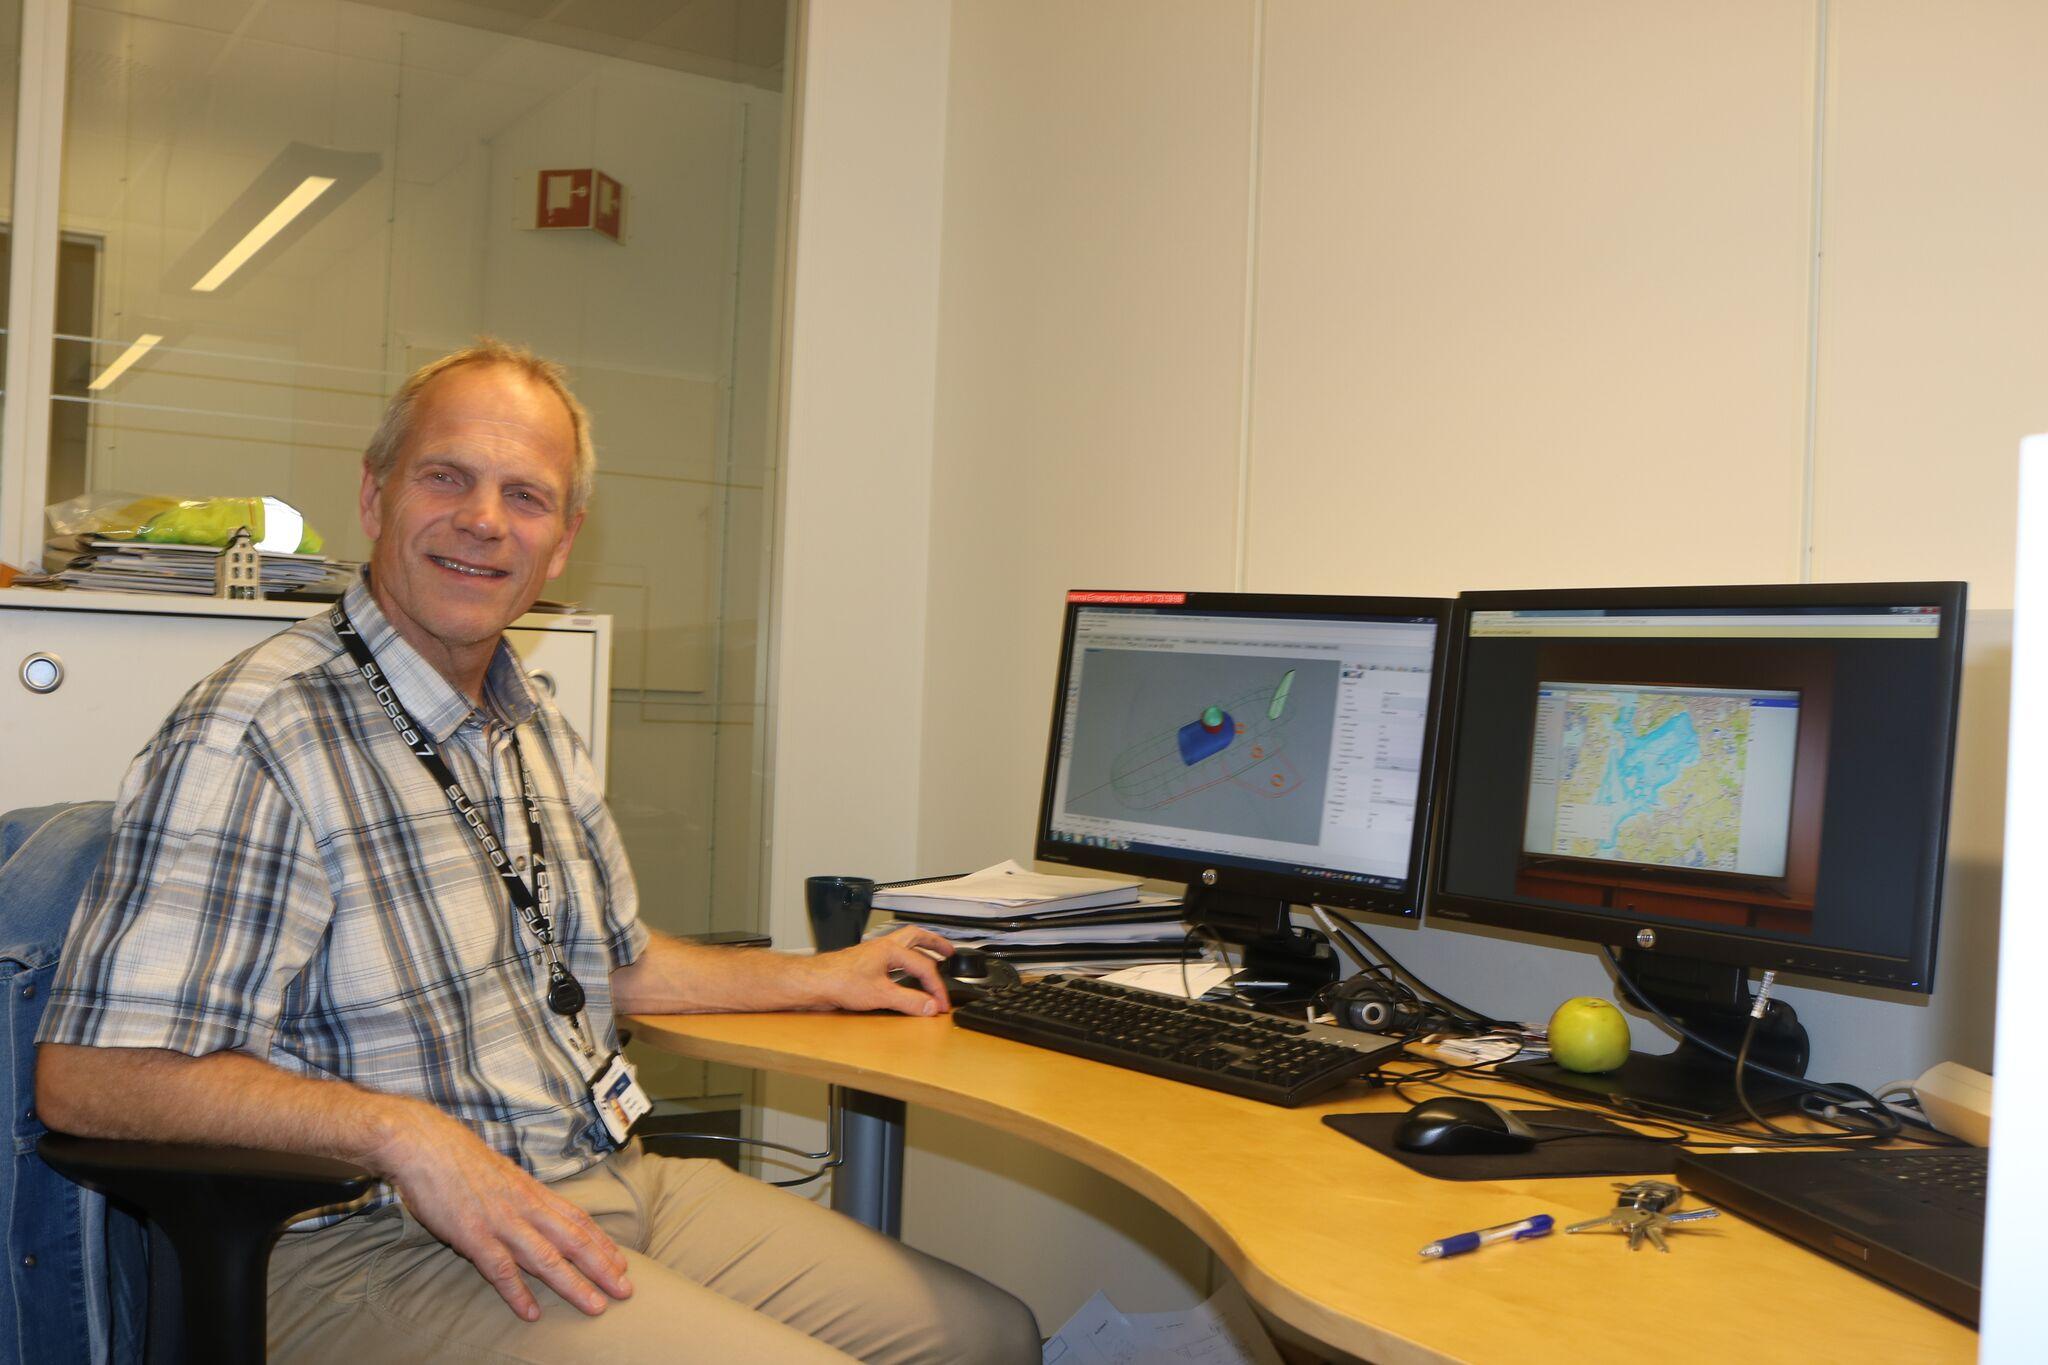 Samlerhuset: Sigbjørn Daasvatn i Funn i Harfrsfjord foran skrivebordet